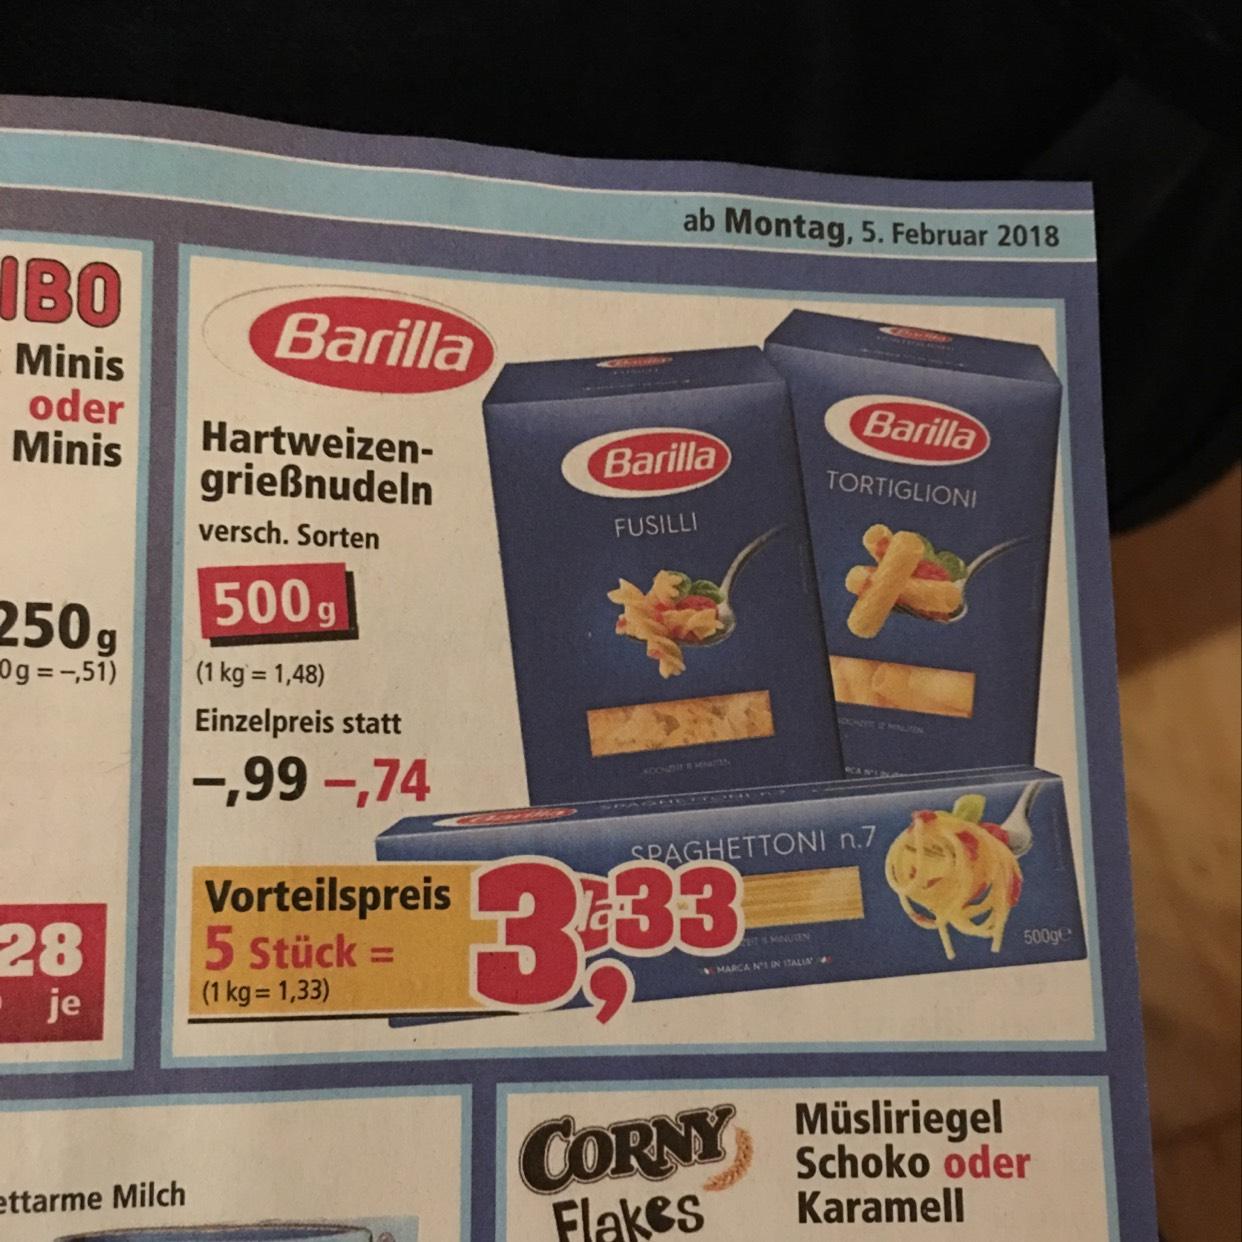 Barilla Nudeln mit Vorteilspreis bei 5 Stück